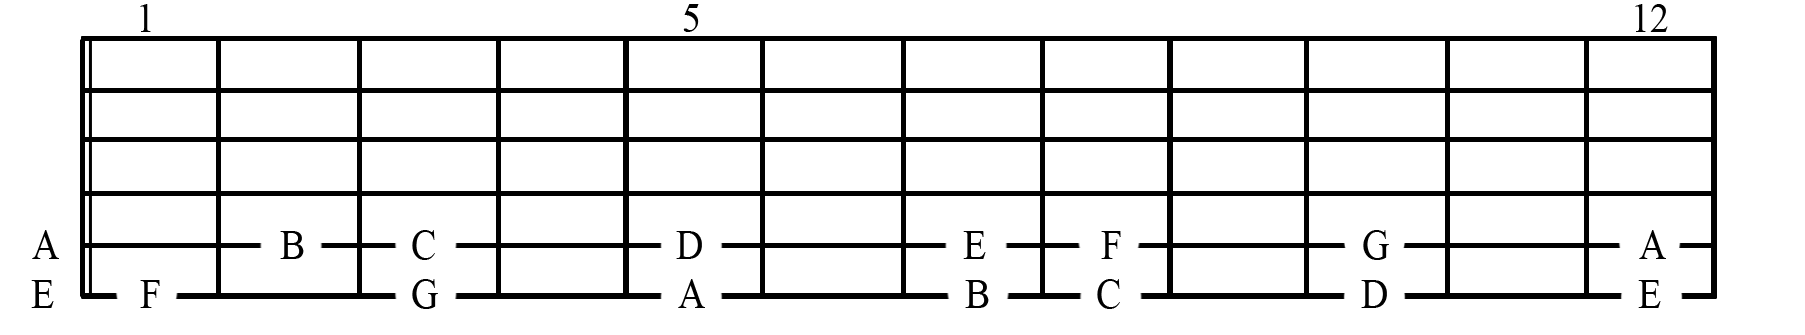 Fretteboard